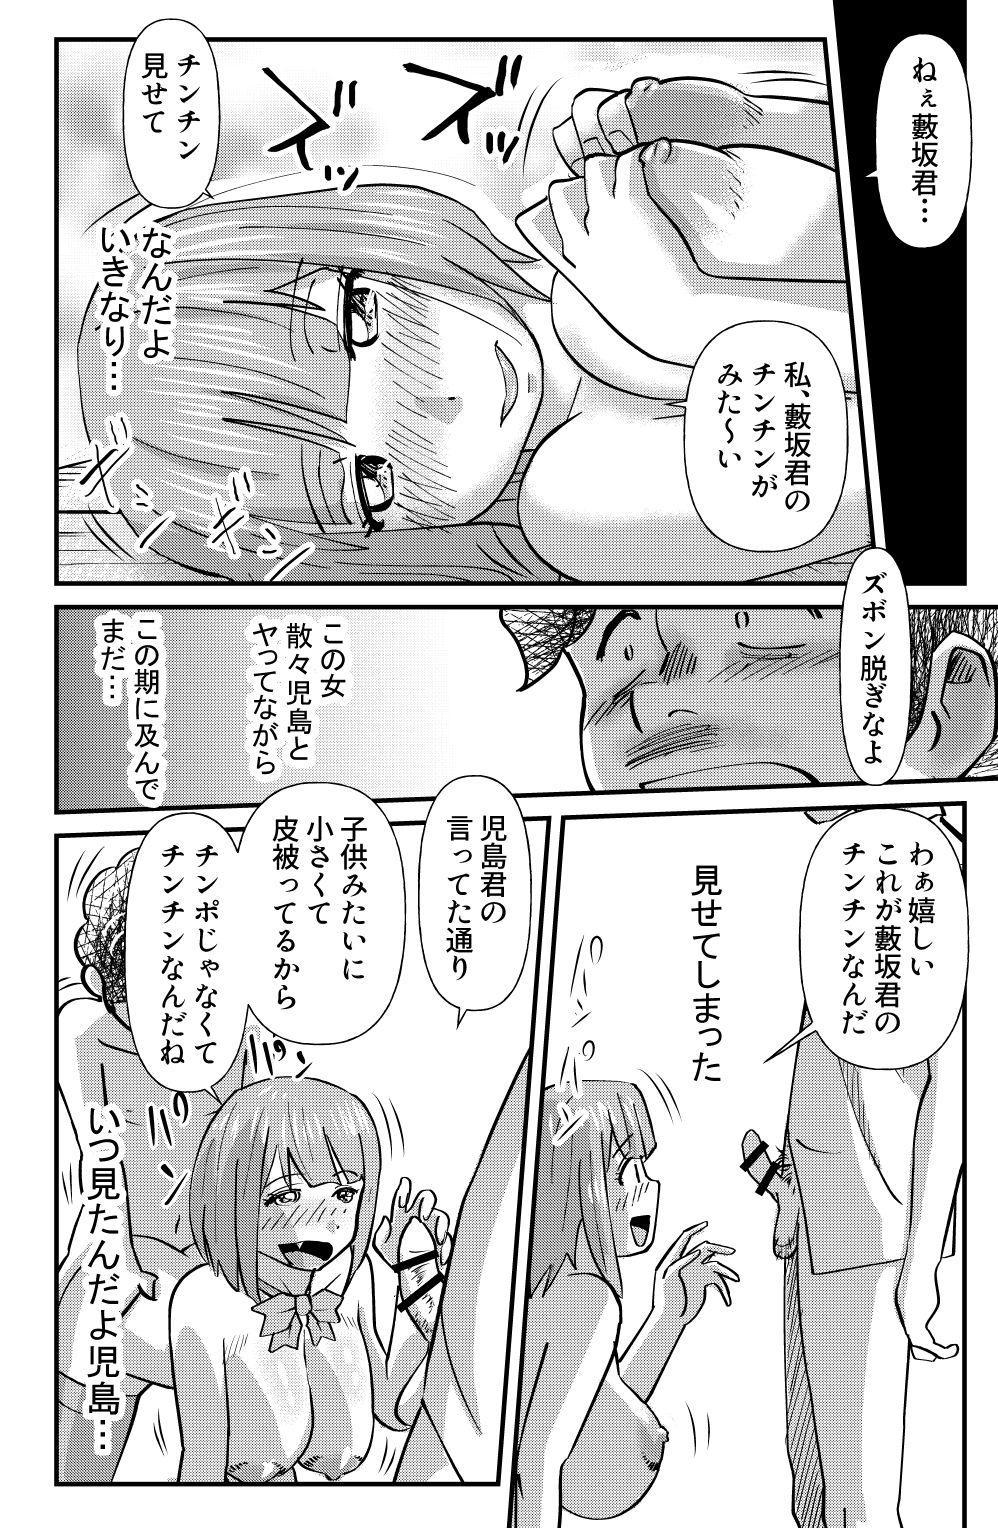 Otonashii-kei Joshi Mukai Honoka no Nichijou o Shitta Toki... 23